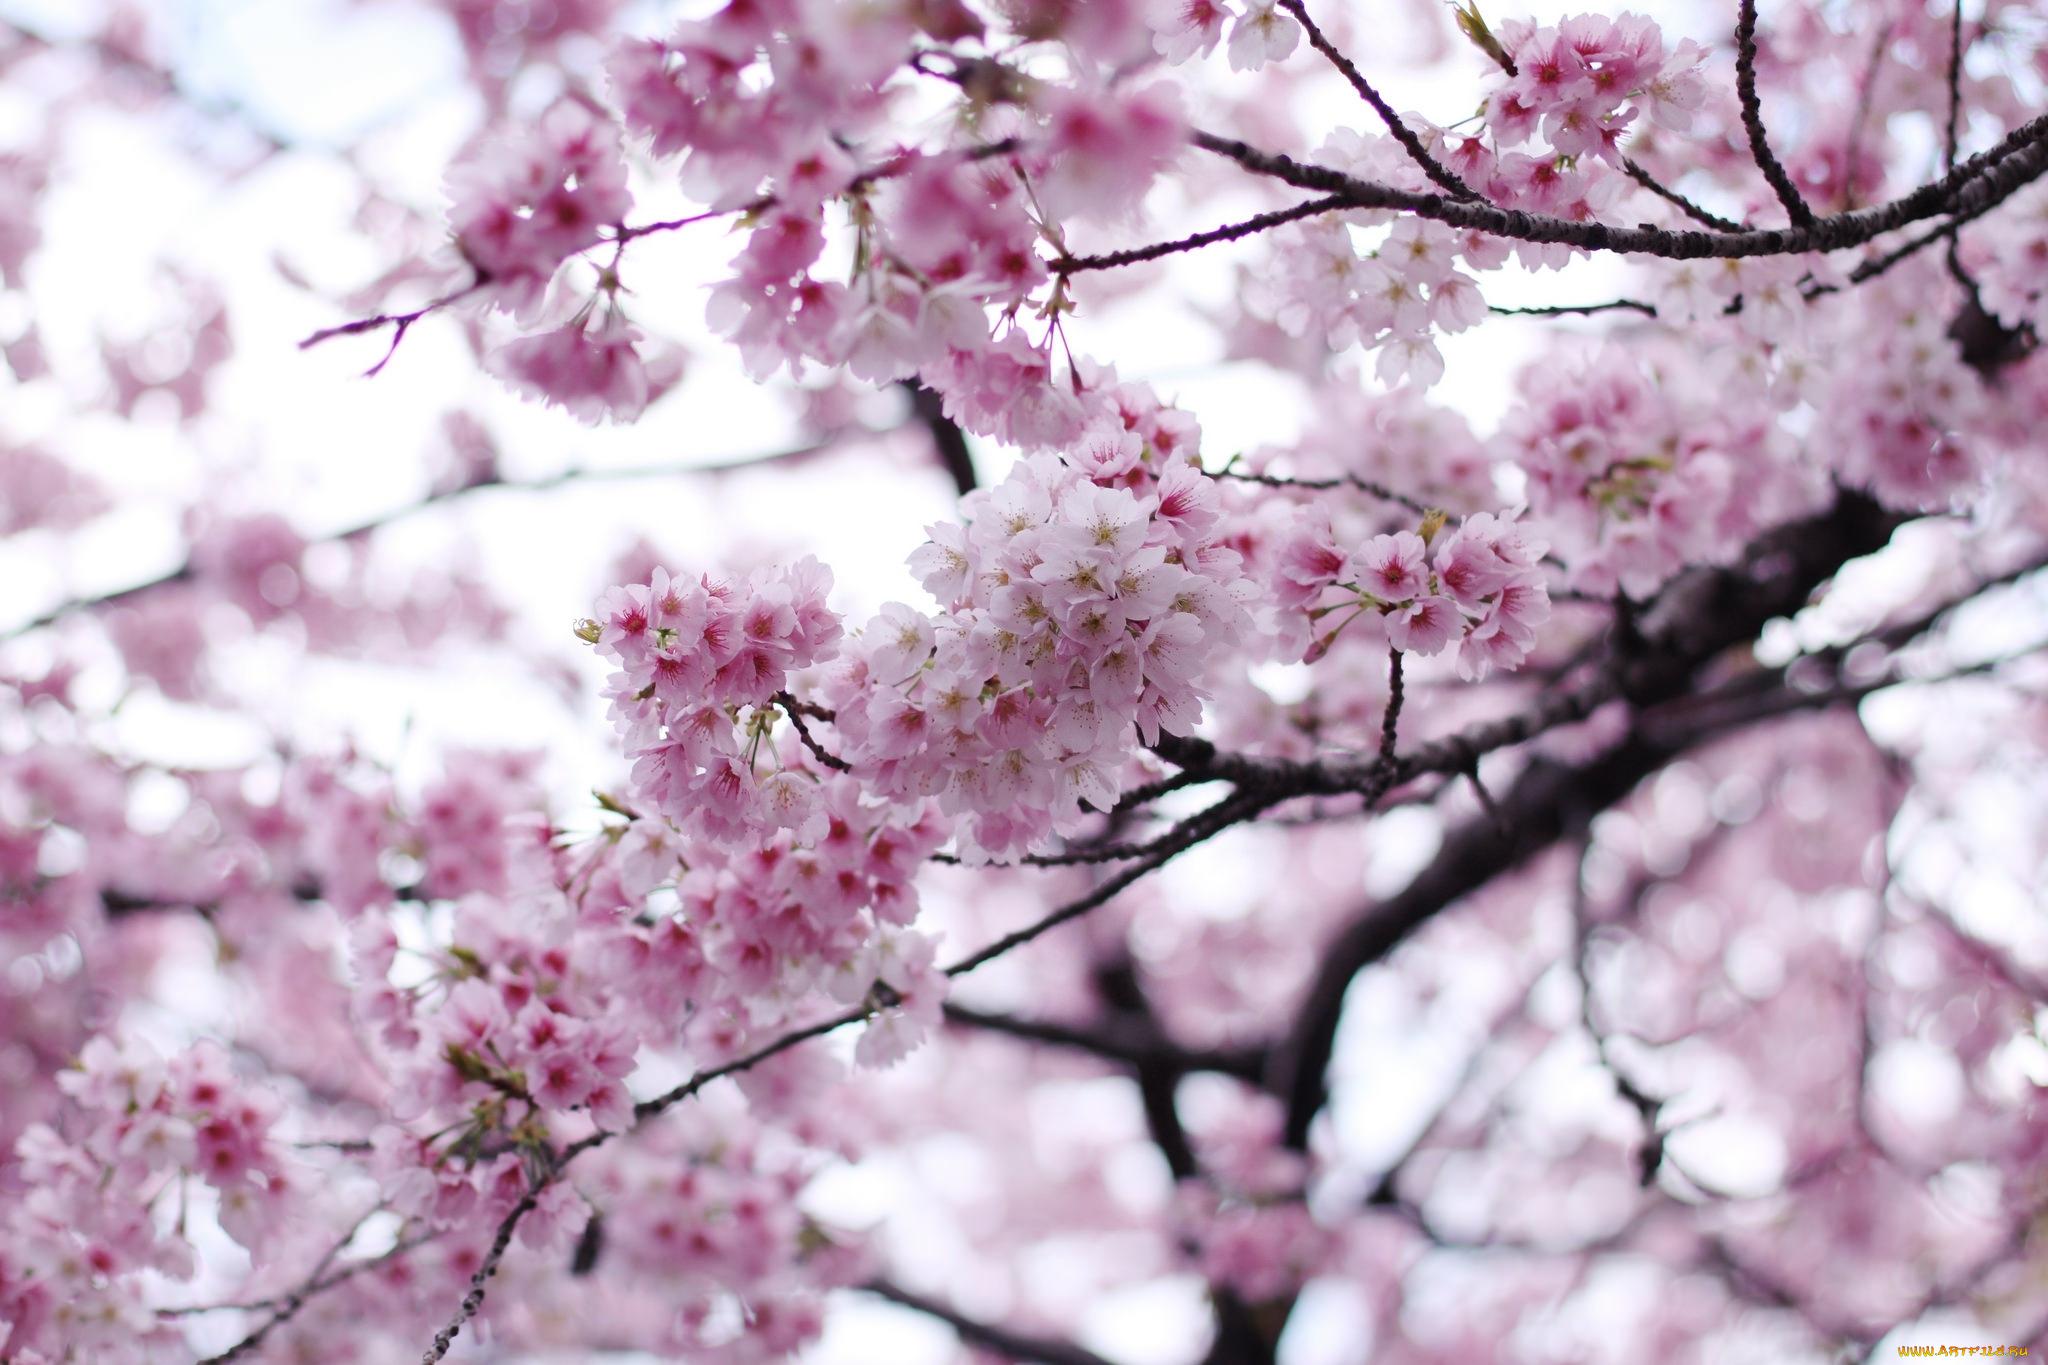 цветы картинки размер 2048 1152 что положительная реакция